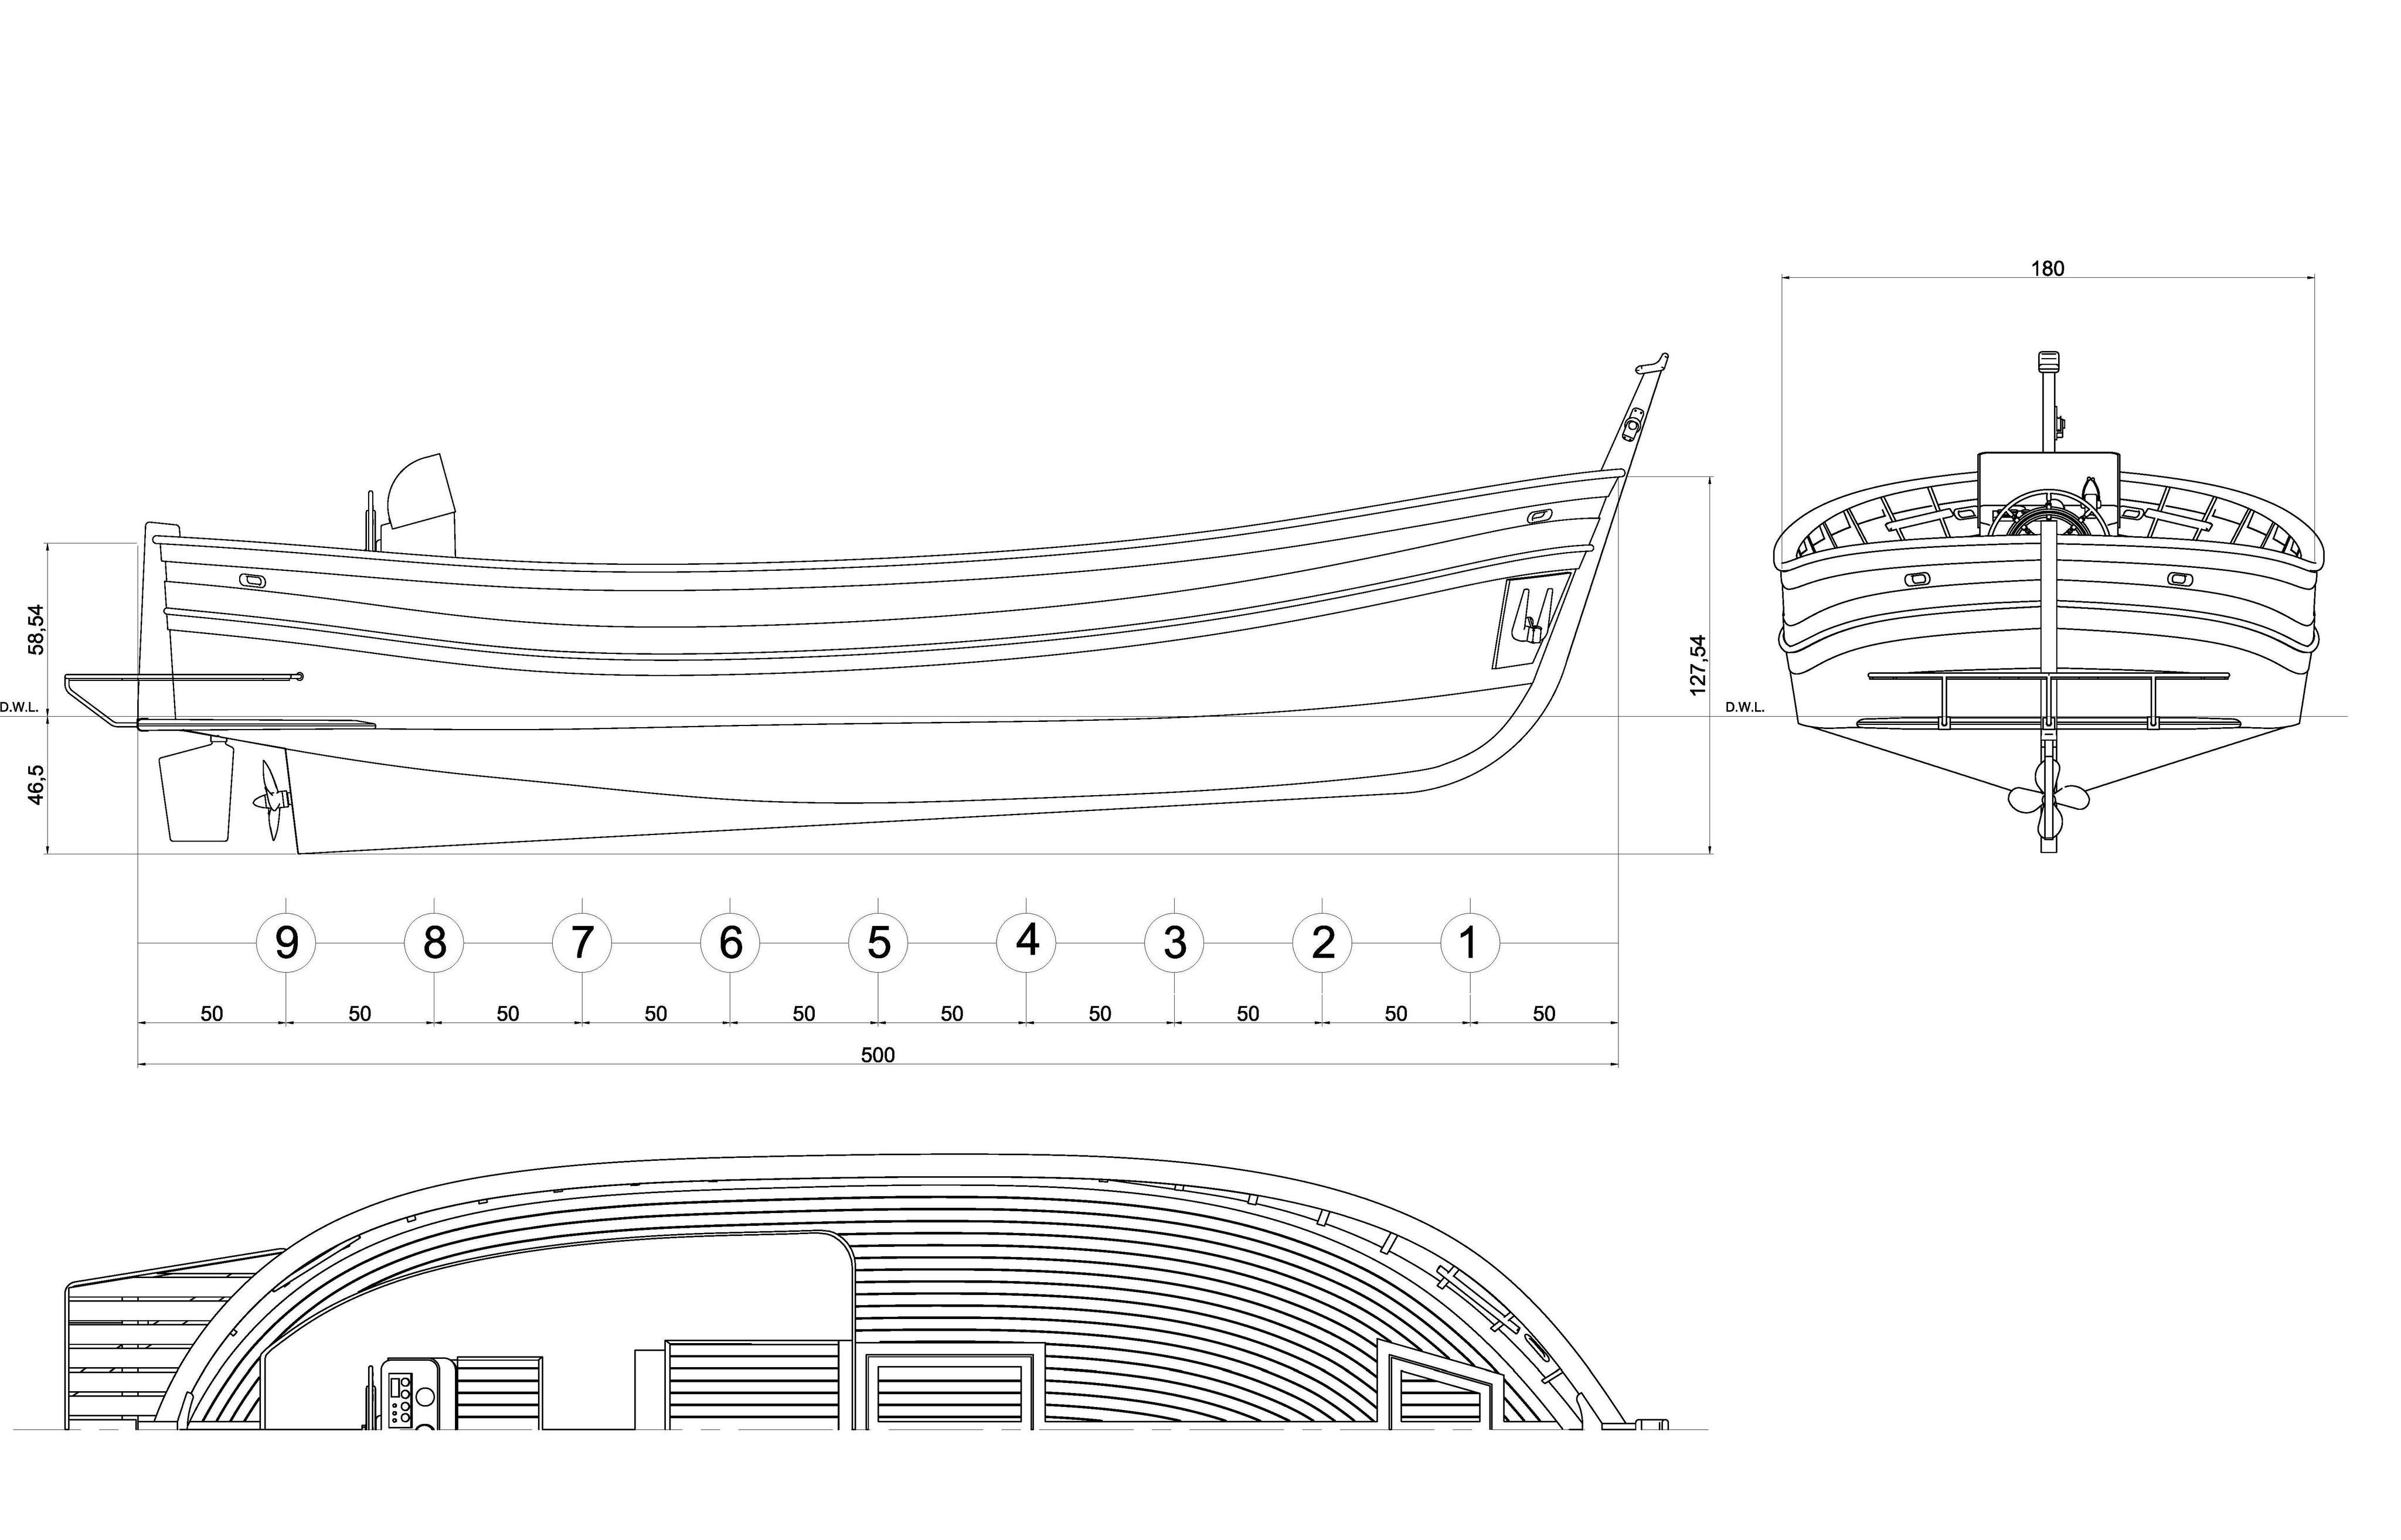 Gozzo planante santa margherita modellismo navale for 3 piani di piani a schiera di 3 piani